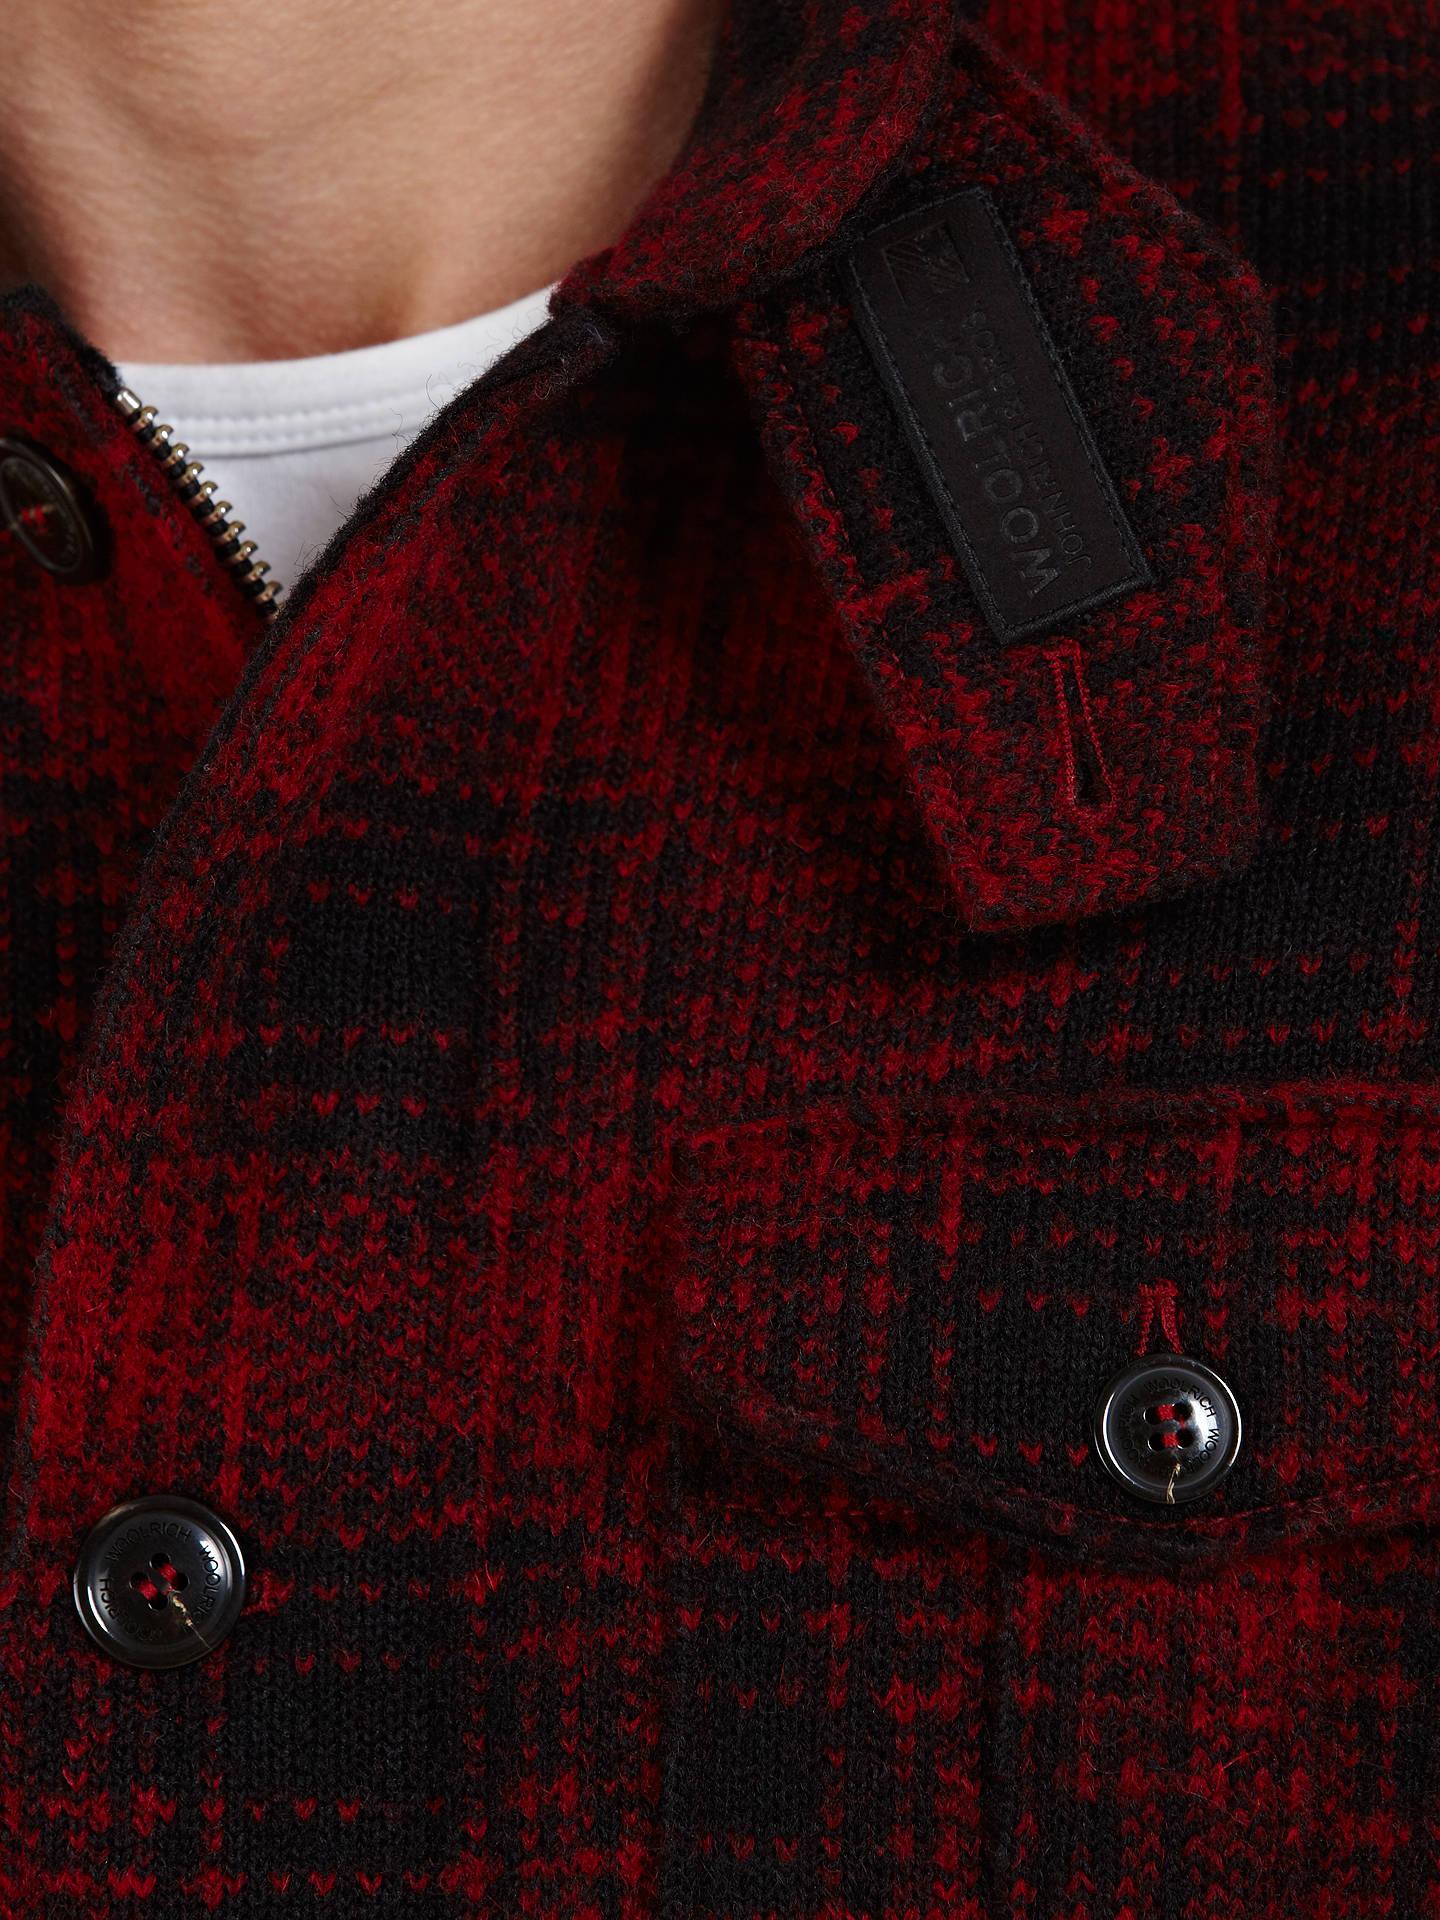 bfb78630de997 ... Buy Woolrich John Rich & Bros. Mackenzie Wool Hunting Jacket, Red/Black,